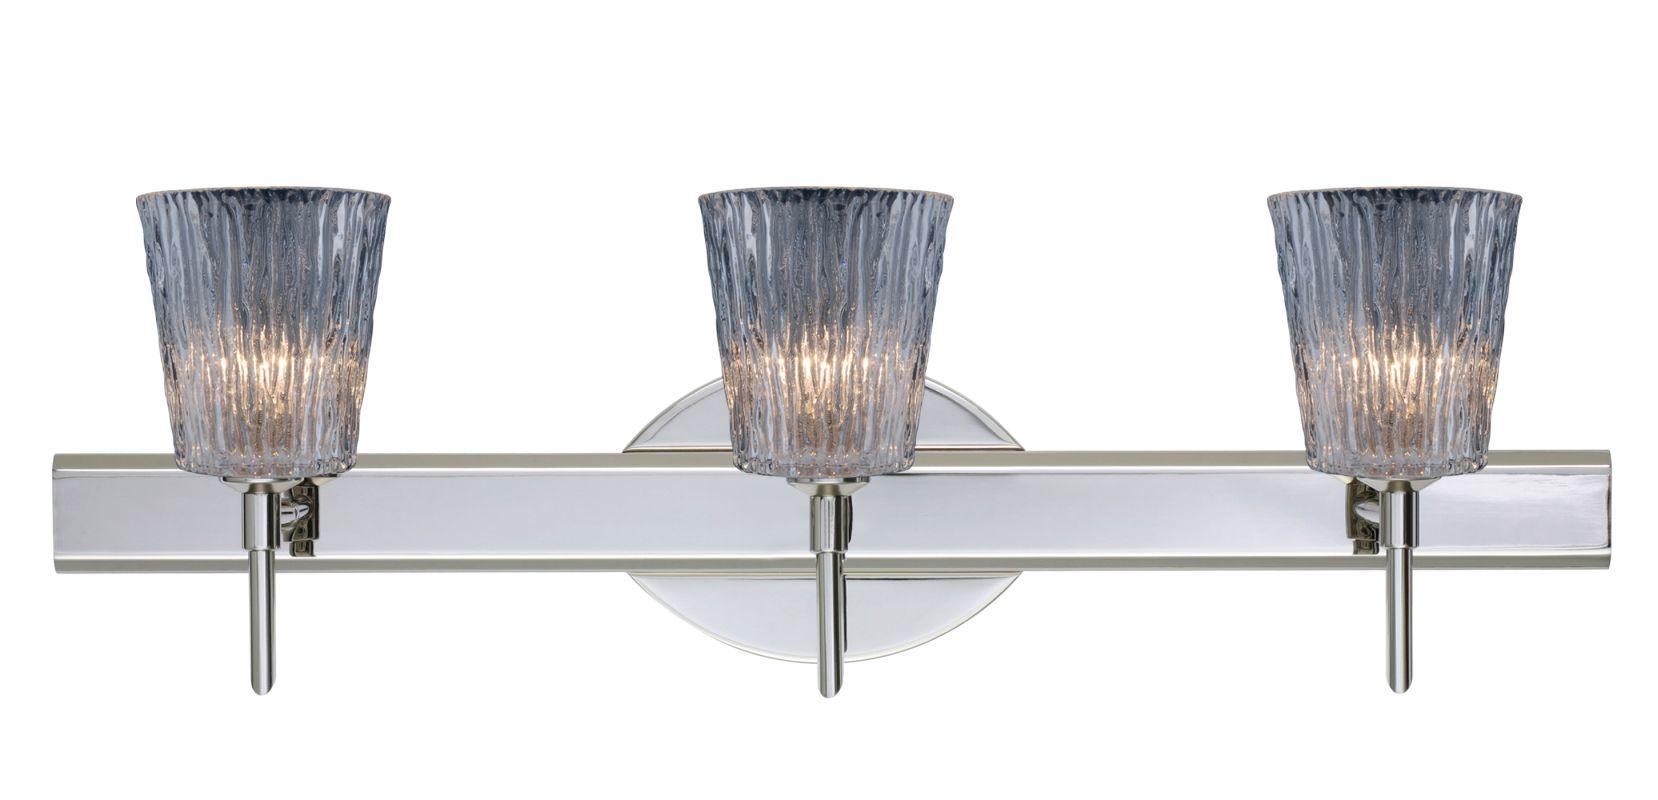 Besa Lighting 3SW-512500 Nico 3 Light Reversible Halogen Bathroom